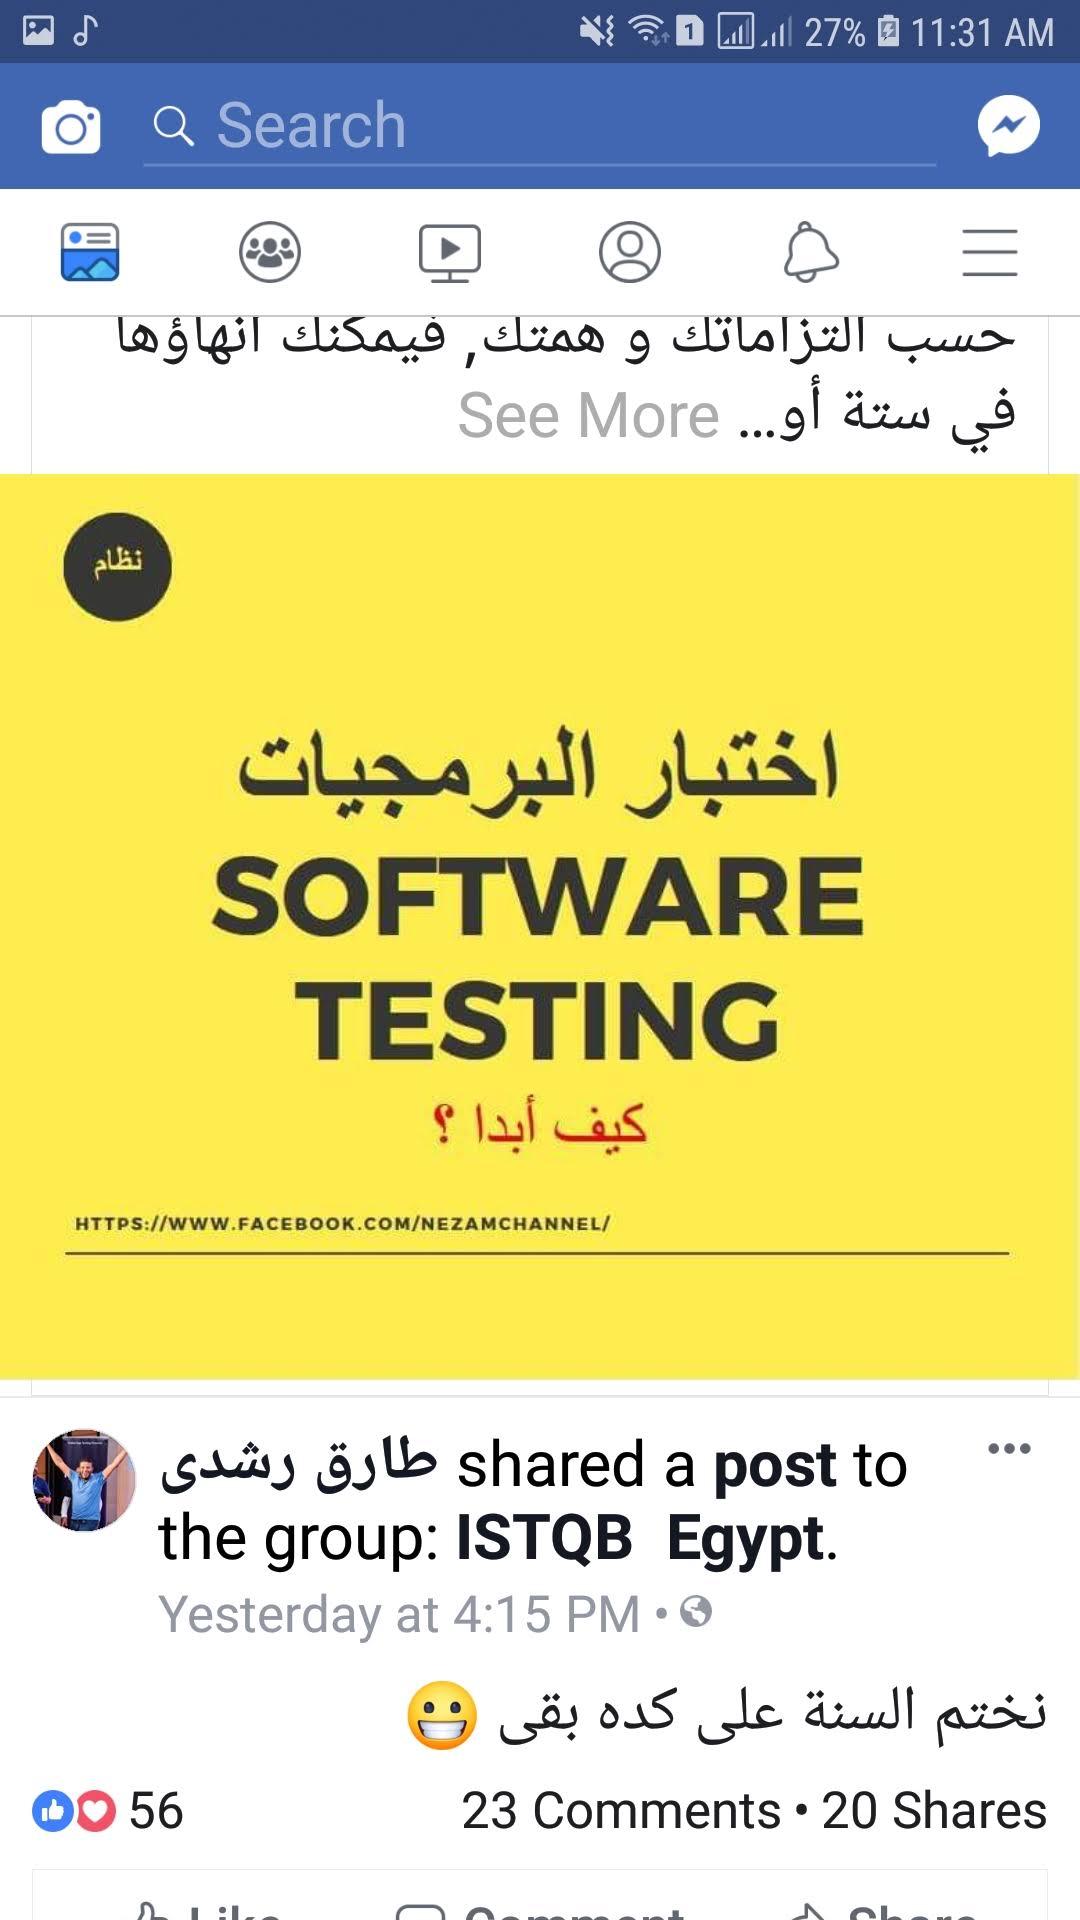 اضغط على الثلاث شرط العرضية فى تطبيق فيس بوك لفتح قائمة الخيارات داخل التطبيق